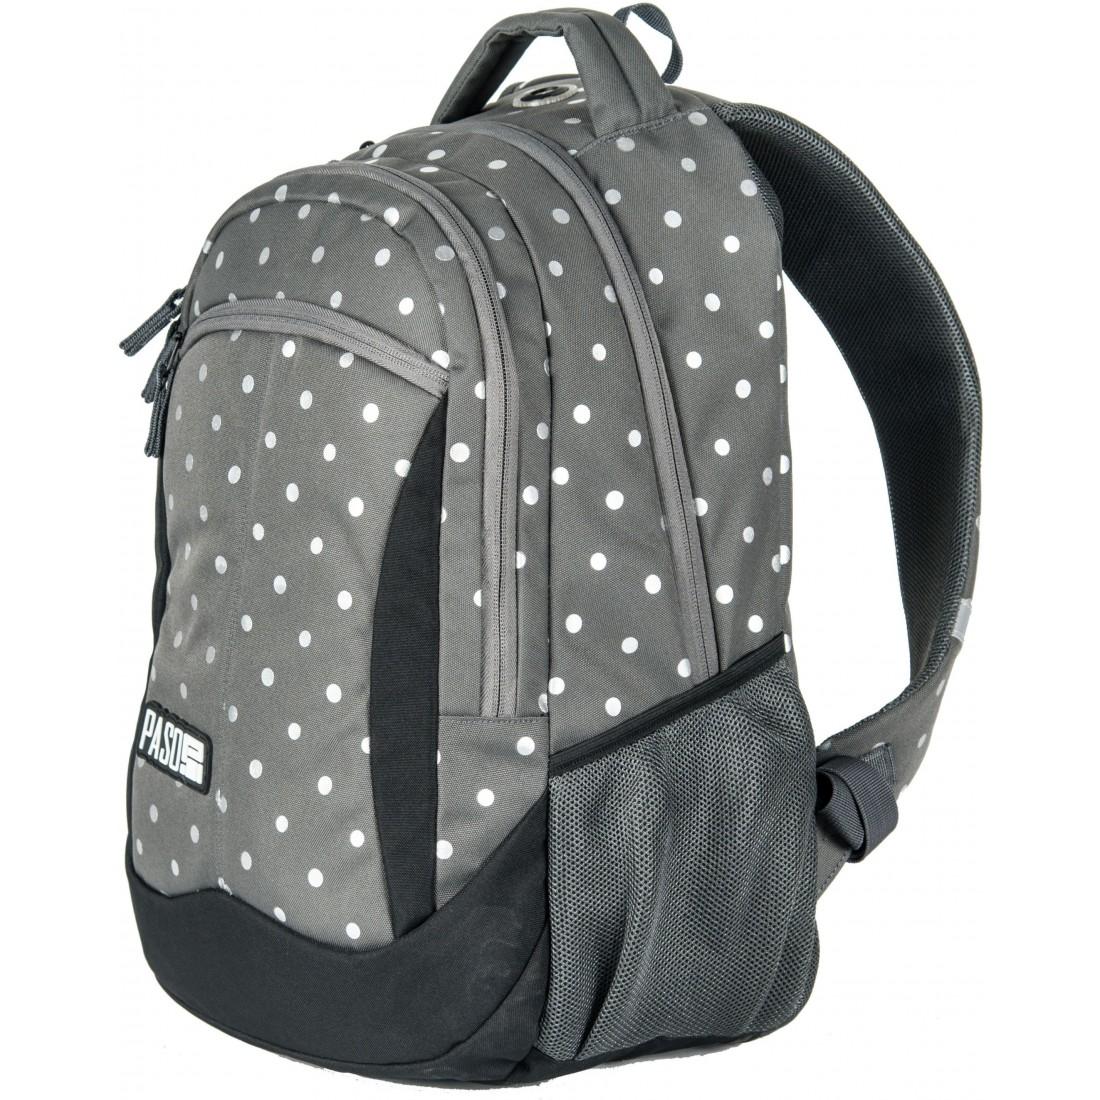 185236613e5c1 Plecak młodzieżowy do szkoły Paso Silver Dot w kropki dla dziewczyny ...